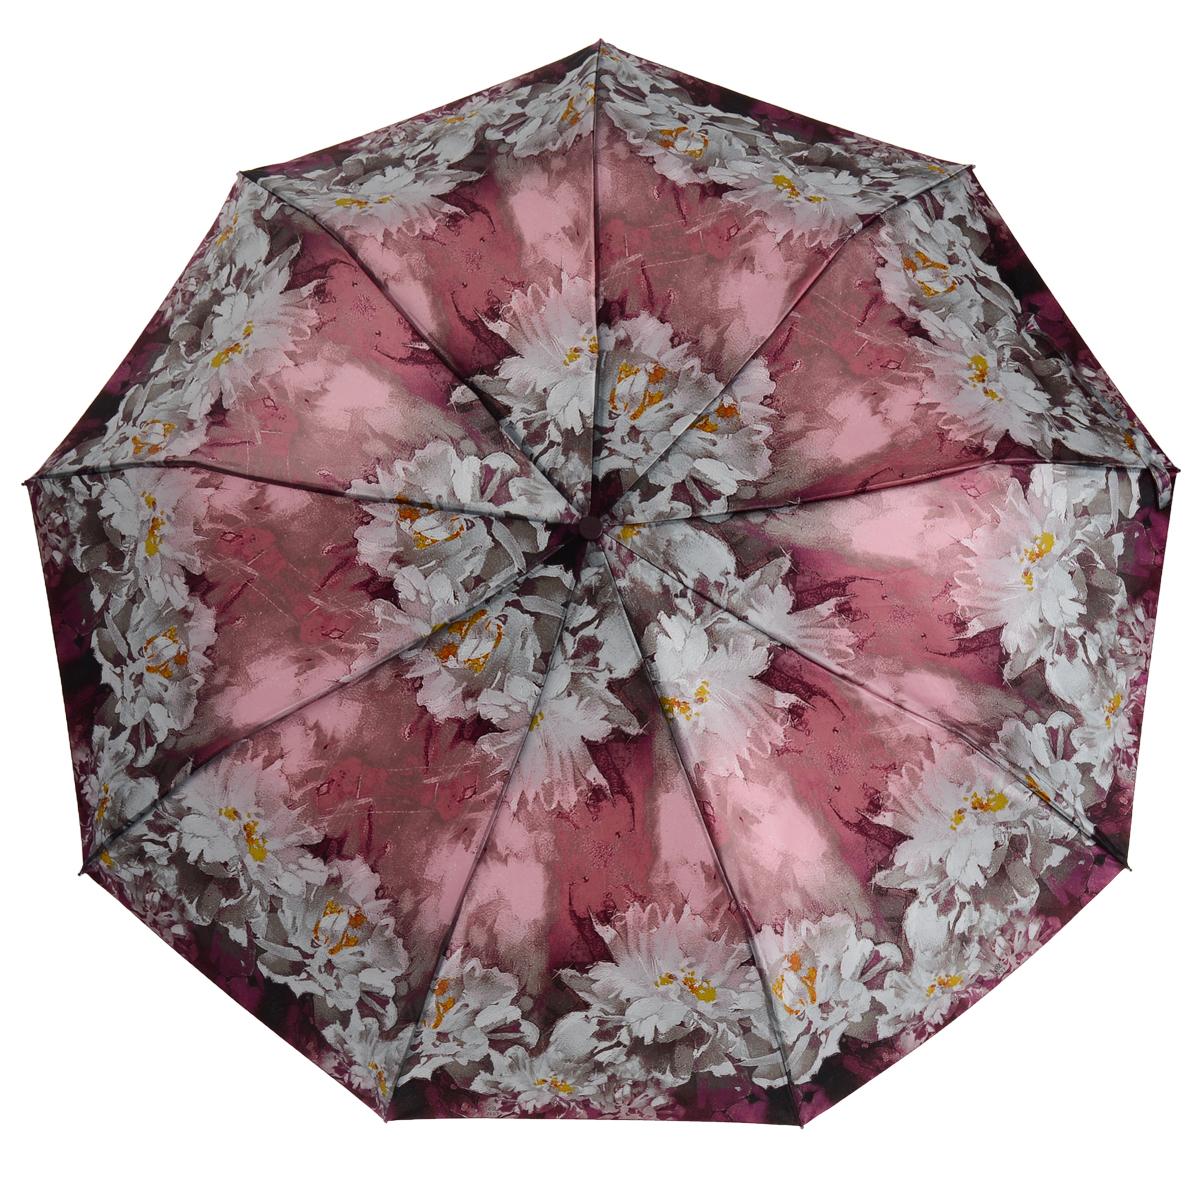 Зонт Zest, автомат, 3 сложения, цвет: фиолетовый. 239444-34239444-34Автоматический зонт Zest в 3 сложения даже в ненастную погоду позволит вам оставаться стильной и элегантной. Купол зонта выполнен из полиэстера и оформлен оригинальным рисунком. Каркас зонта выполнен из девяти спиц и оснащен удобной прорезиненной рукояткой из пластика. Зонт имеет полный автоматический механизм сложения: купол открывается и закрывается нажатием кнопки на рукоятке. Стержень складывается вручную до характерного щелчка, благодаря чему открыть и закрыть зонт можно одной рукой, что чрезвычайно удобно при входе в транспорт или помещение. На рукоятке, для удобства, есть небольшой шнурок-резинка, позволяющий надеть зонт на руку тогда, когда это будет необходимо. К зонту прилагается чехол, такого же дизайна как купол.